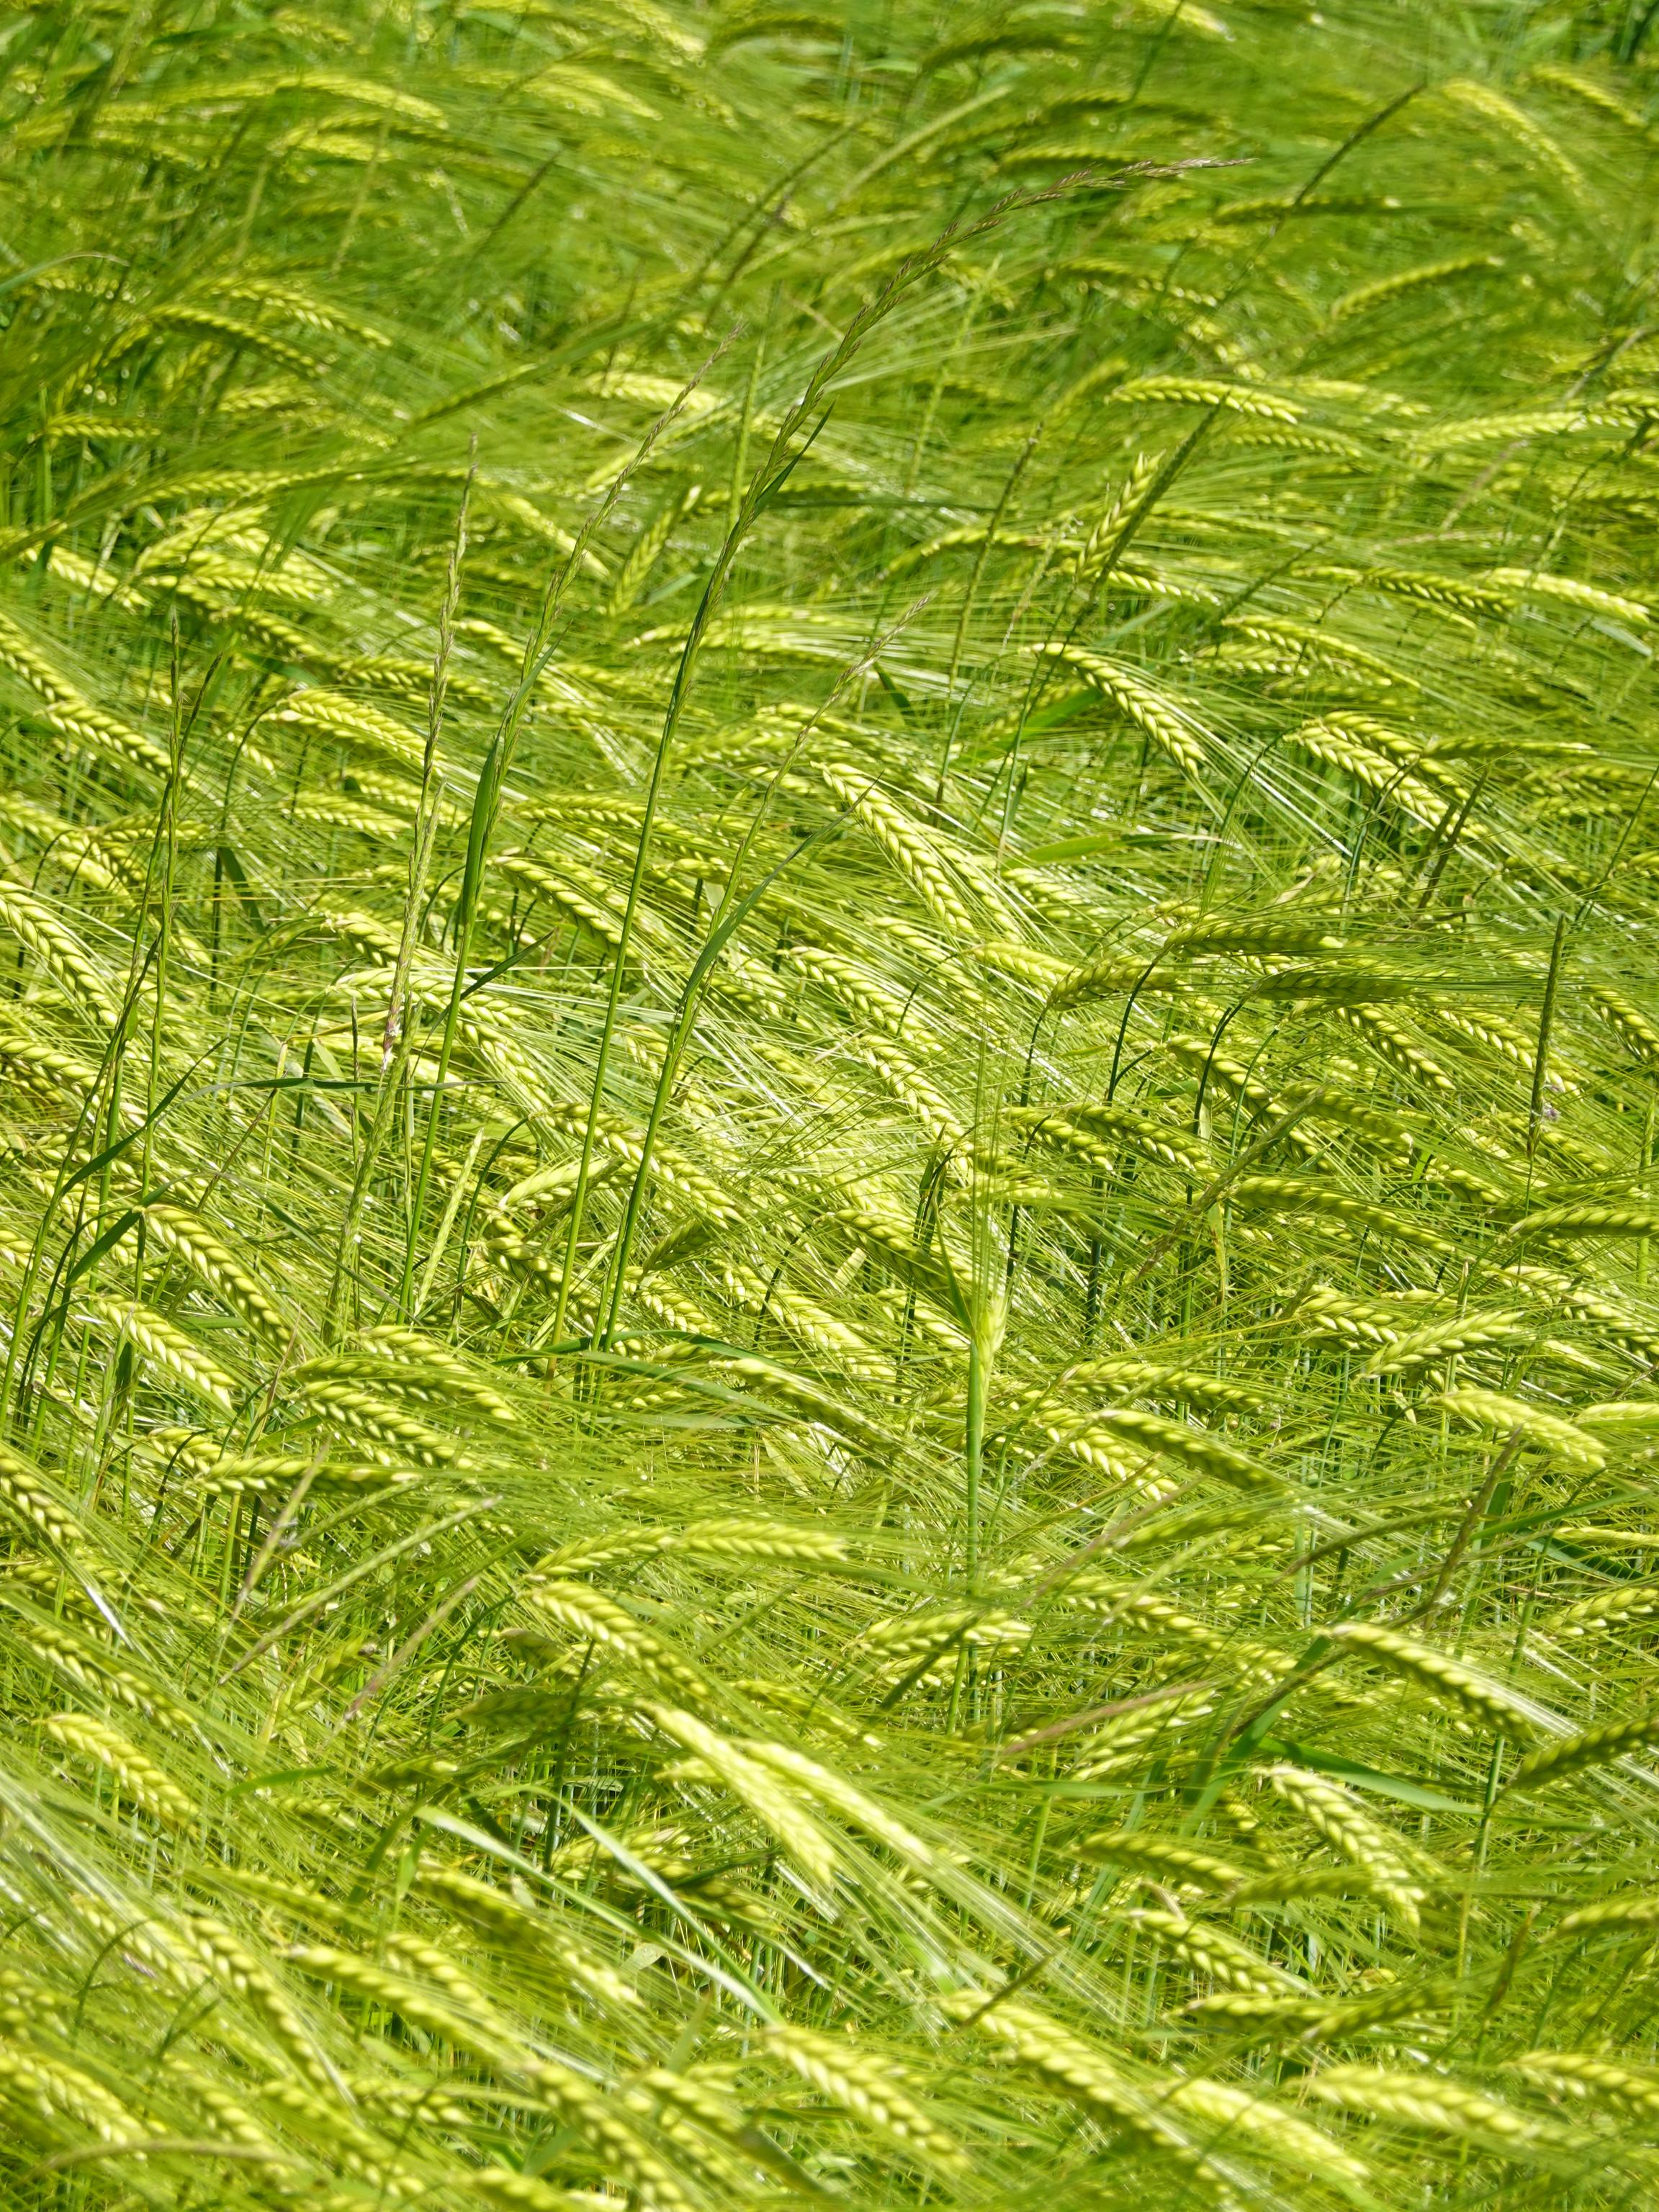 56077 скачать обои Природа, Колосья, Трава, Поле, Растения, Ветер - заставки и картинки бесплатно